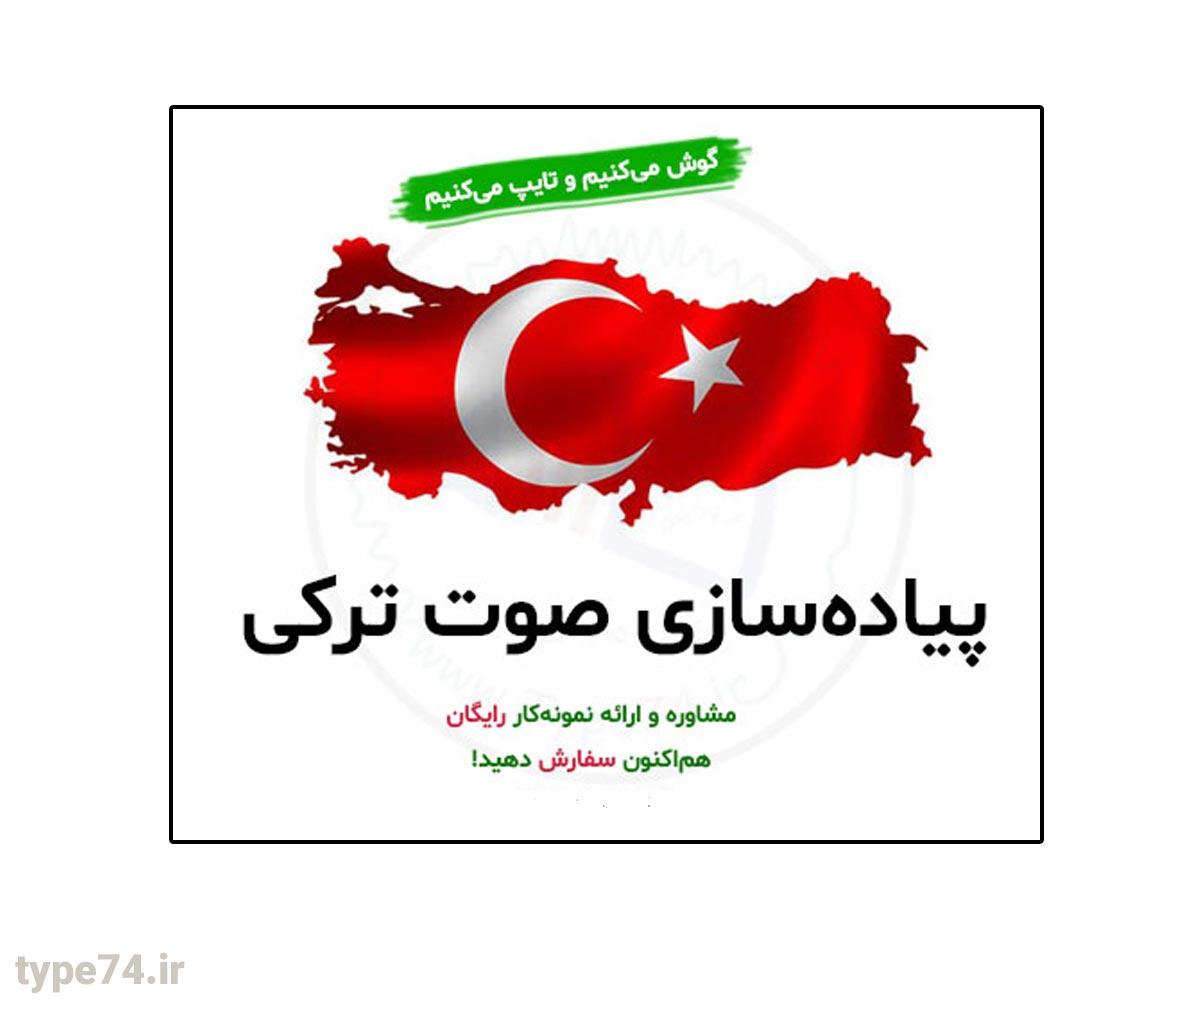 تایپ ترکی